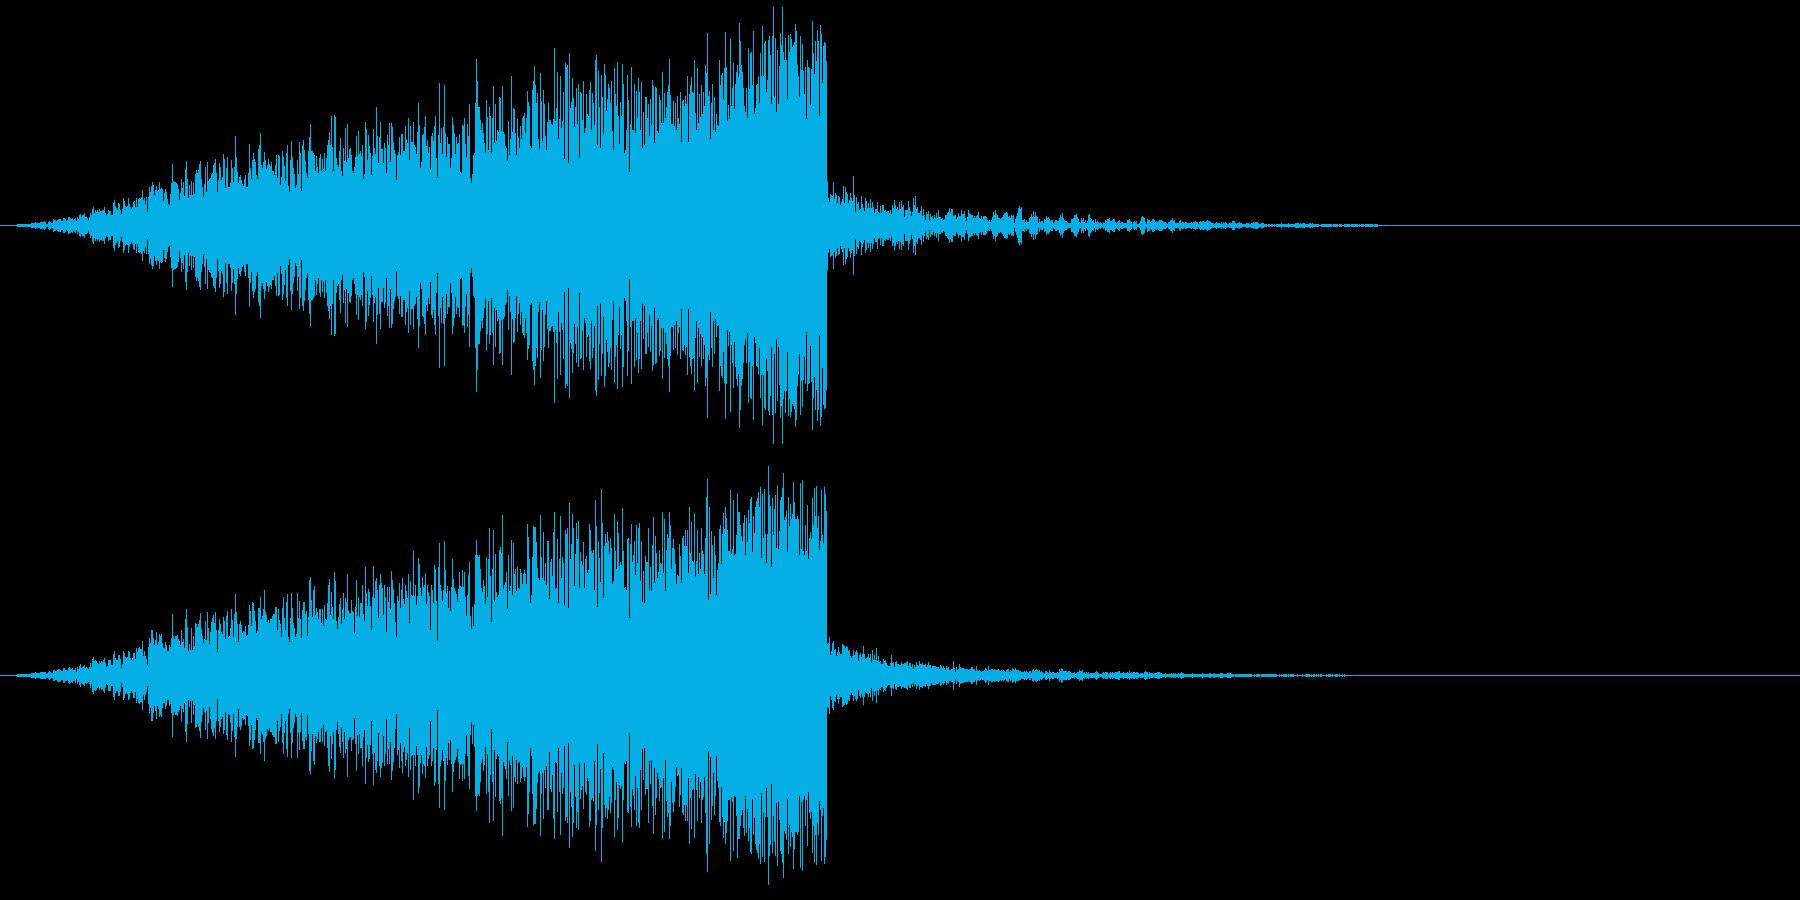 【映画演出】Sci-Fi ライザー_01の再生済みの波形